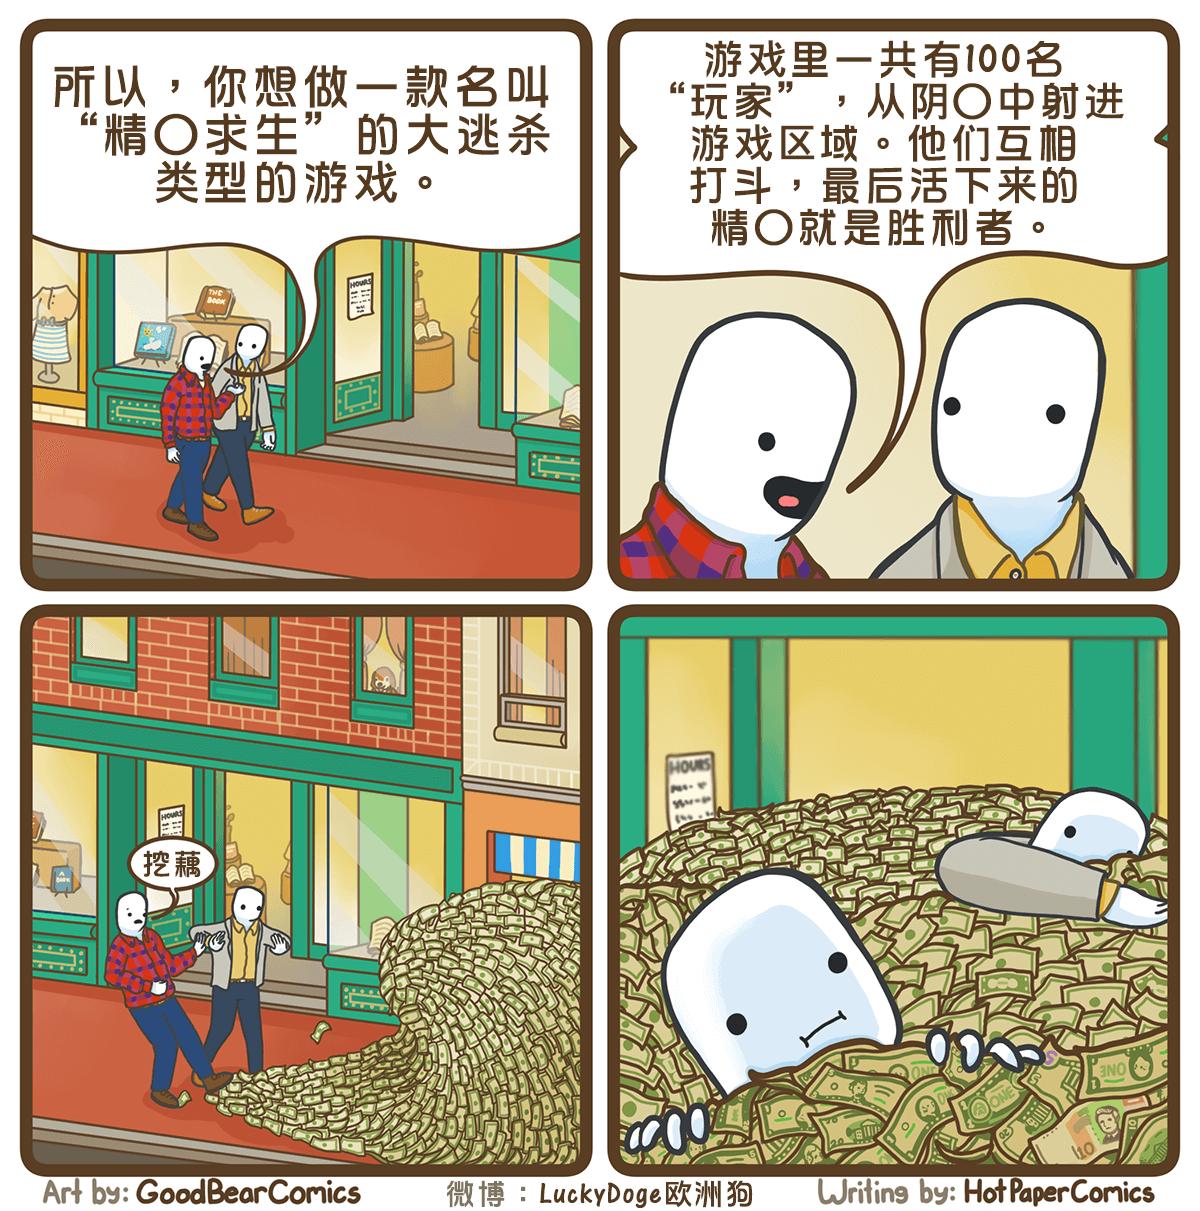 精〇求生(作者:Hot Paper Comics)